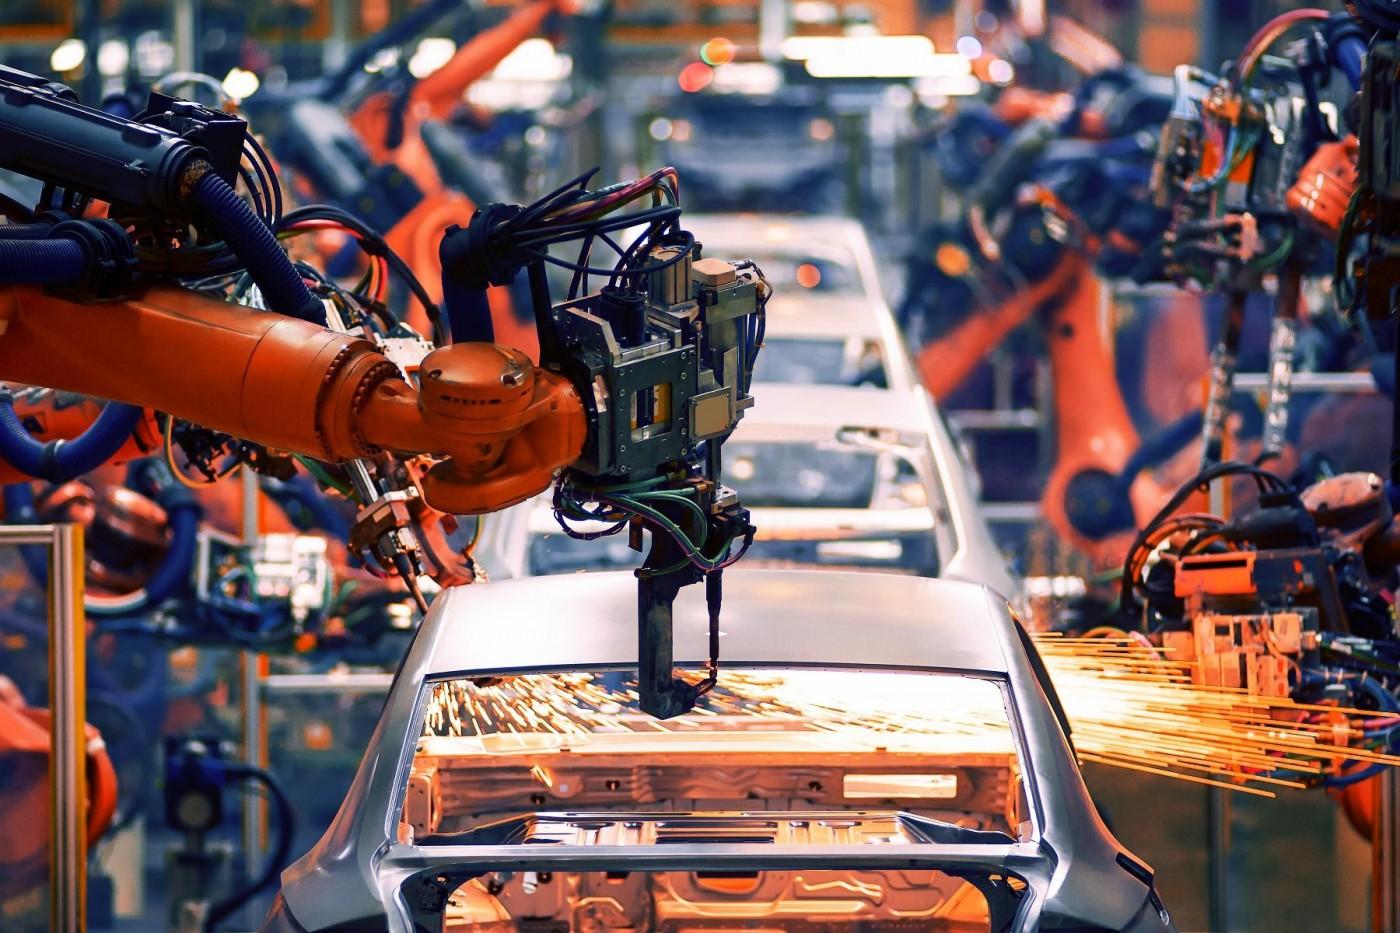 減產上看170萬輛!一個湖北封省,如何擾亂全球汽車供應鏈?